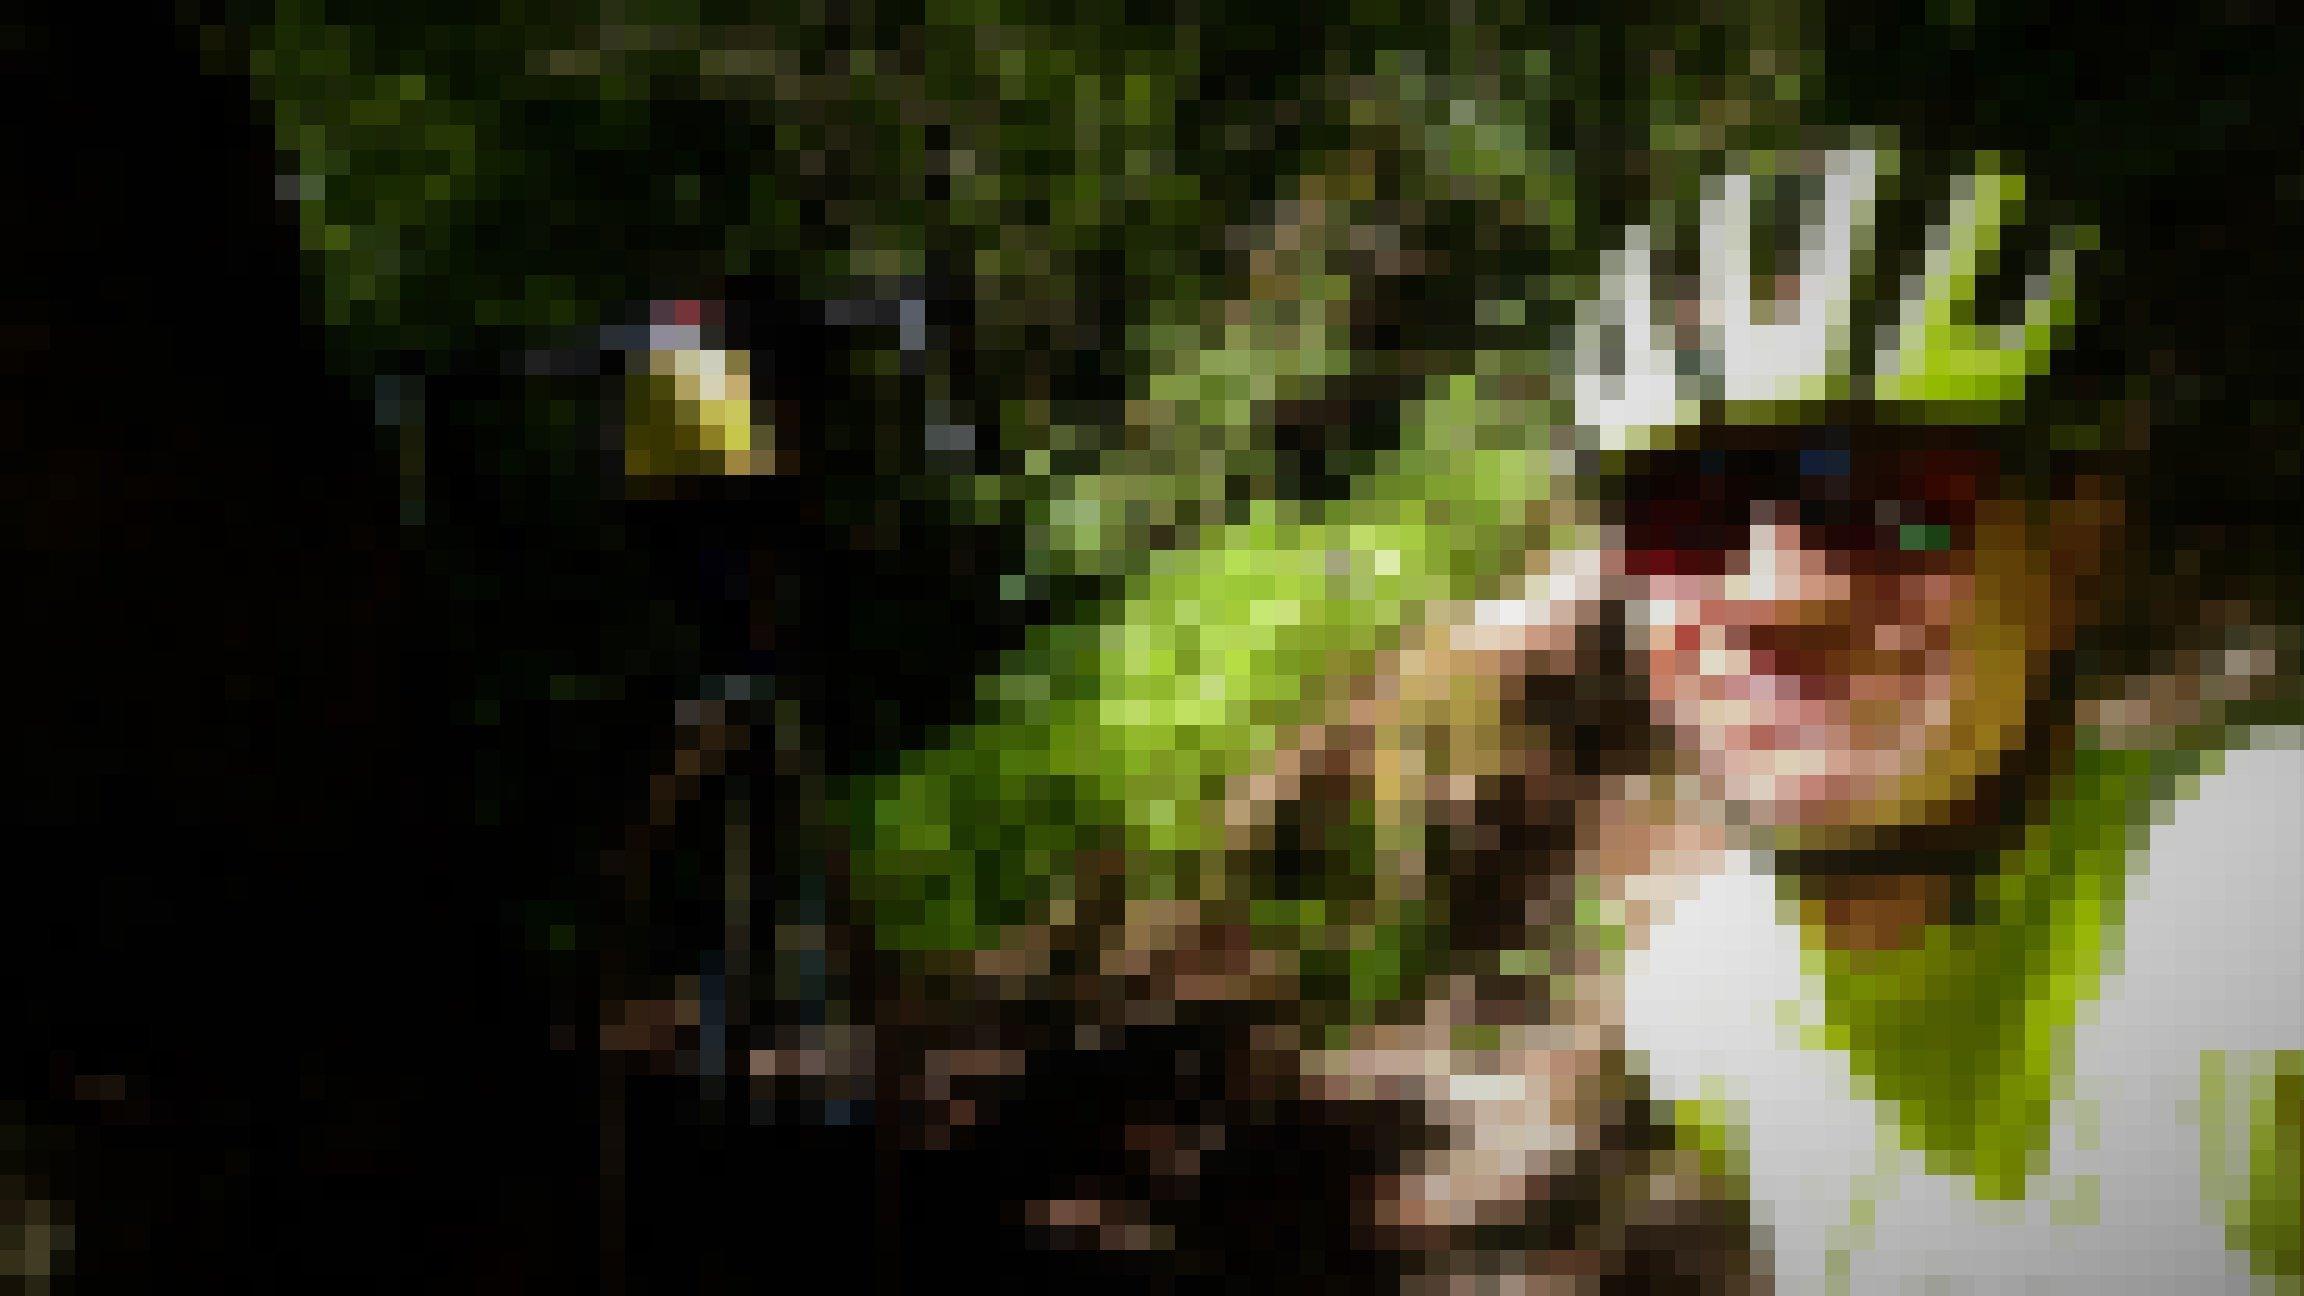 Selbstporträt mit Helm, im Wald; das Rad lehnt an einem Felsen.